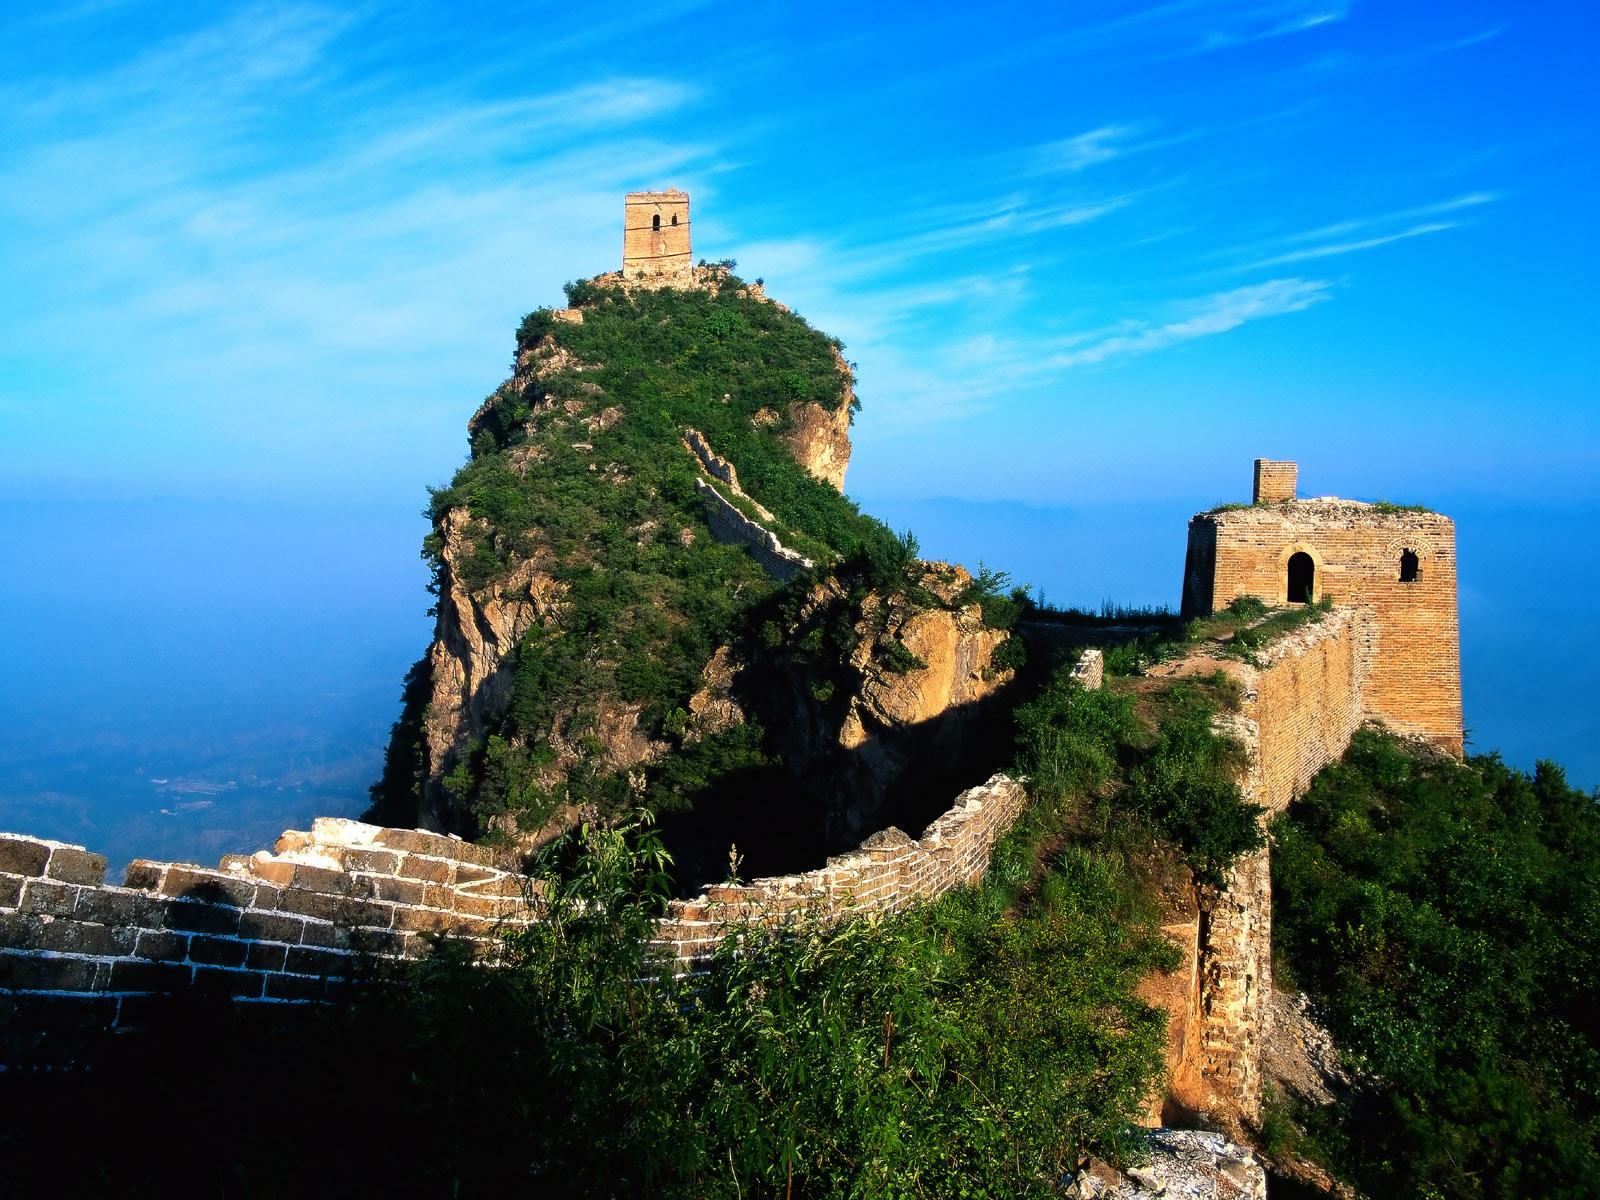 http://3.bp.blogspot.com/--hkjANzocxo/Tz6C_UnWL8I/AAAAAAAADOE/O_WdbCkfoQY/s1600/China_Great_wall_wallpaper+2.jpg